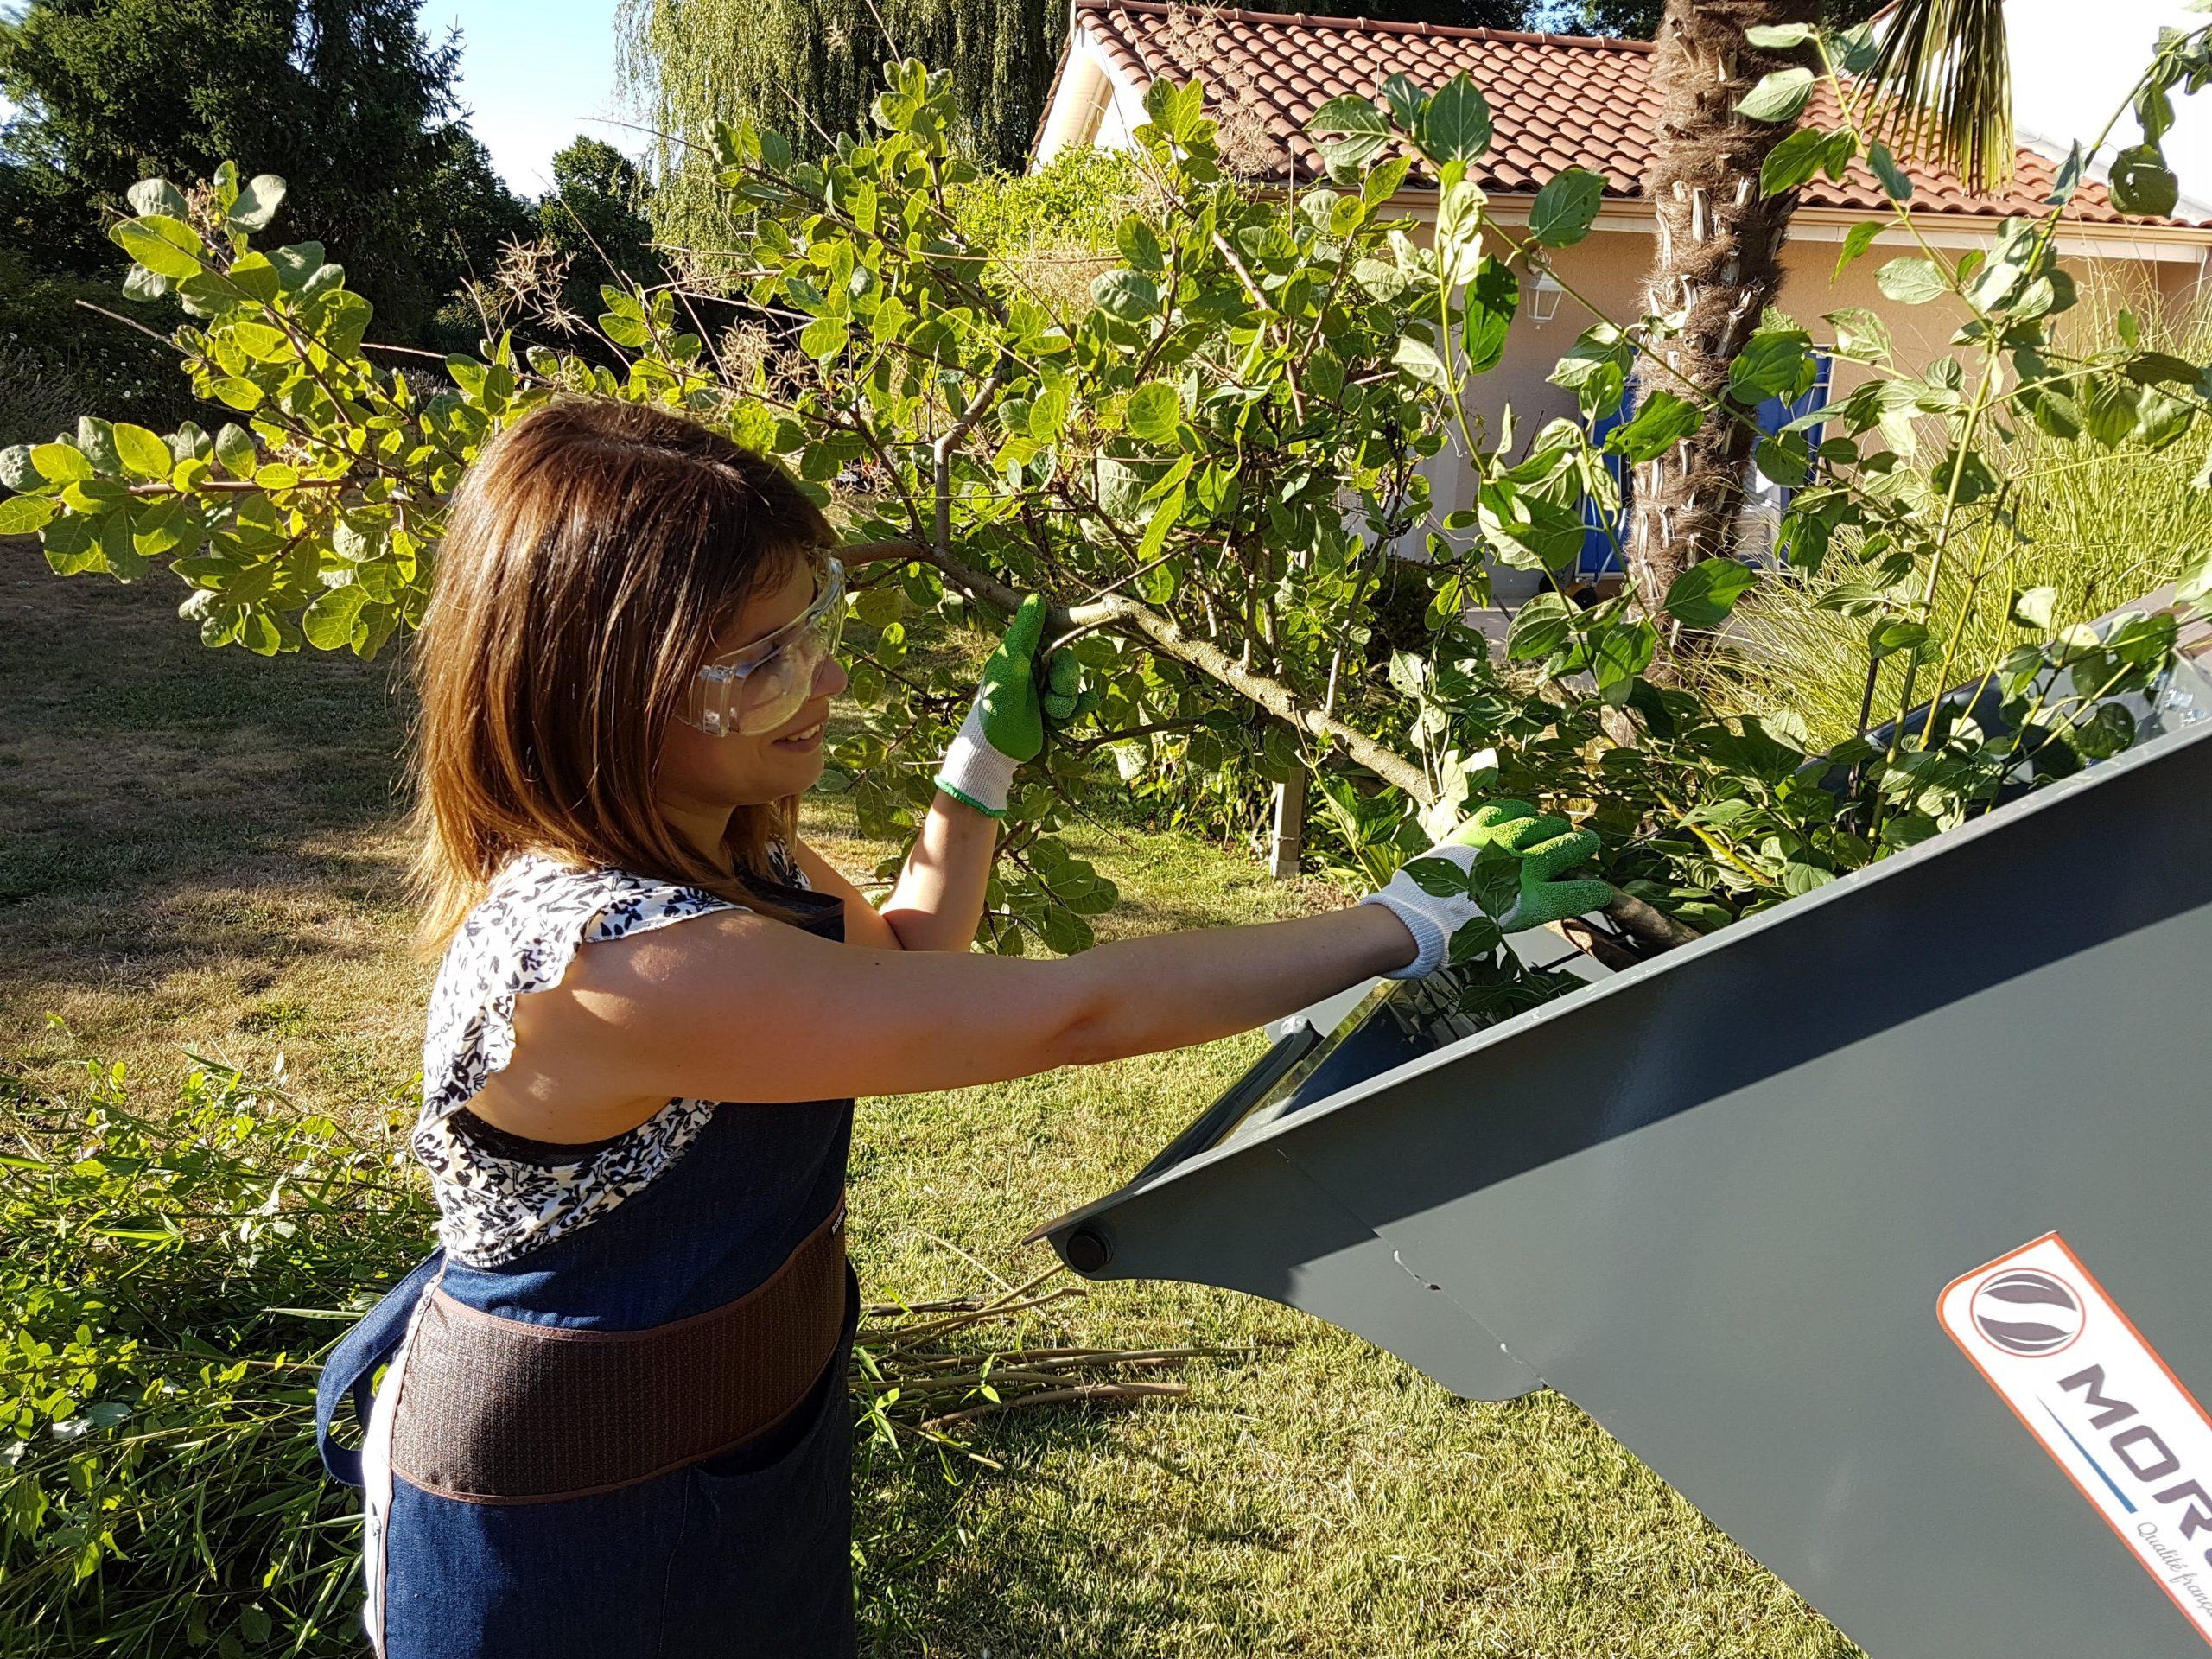 Morgnieux : Débarrassez-vous de vos déchets verts avec des outils pratiques et performants